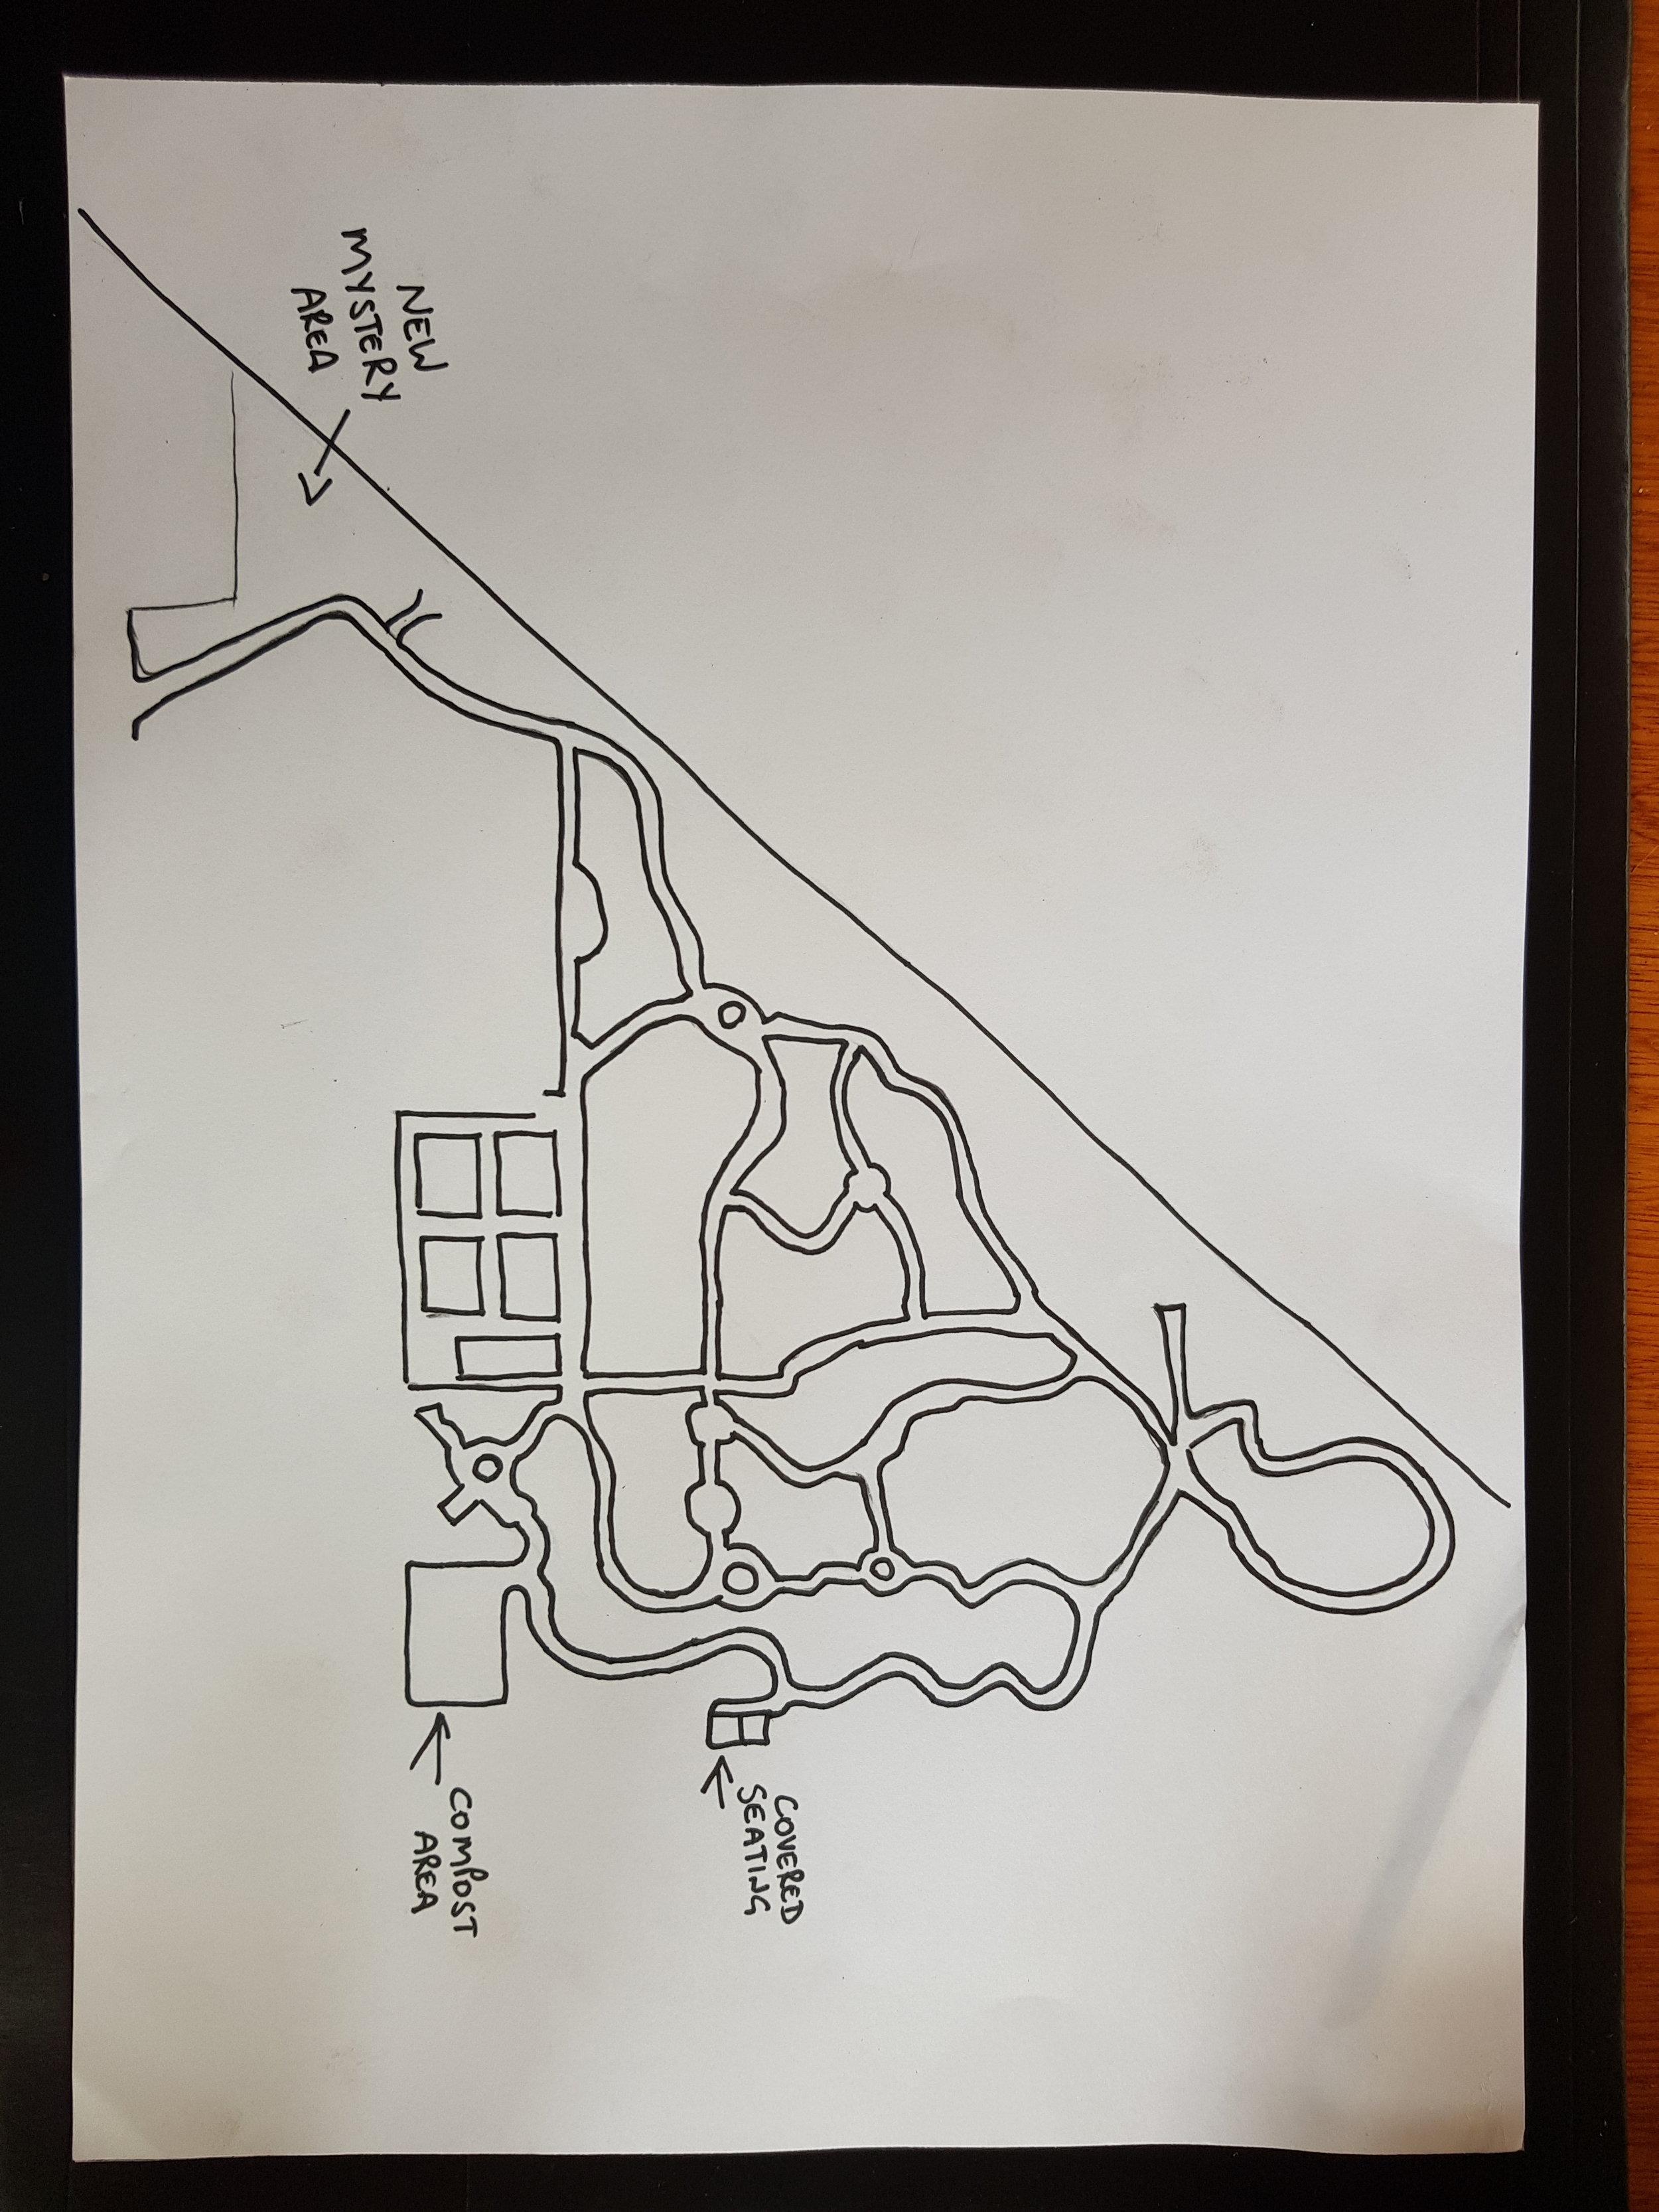 Picton garden layout.jpg